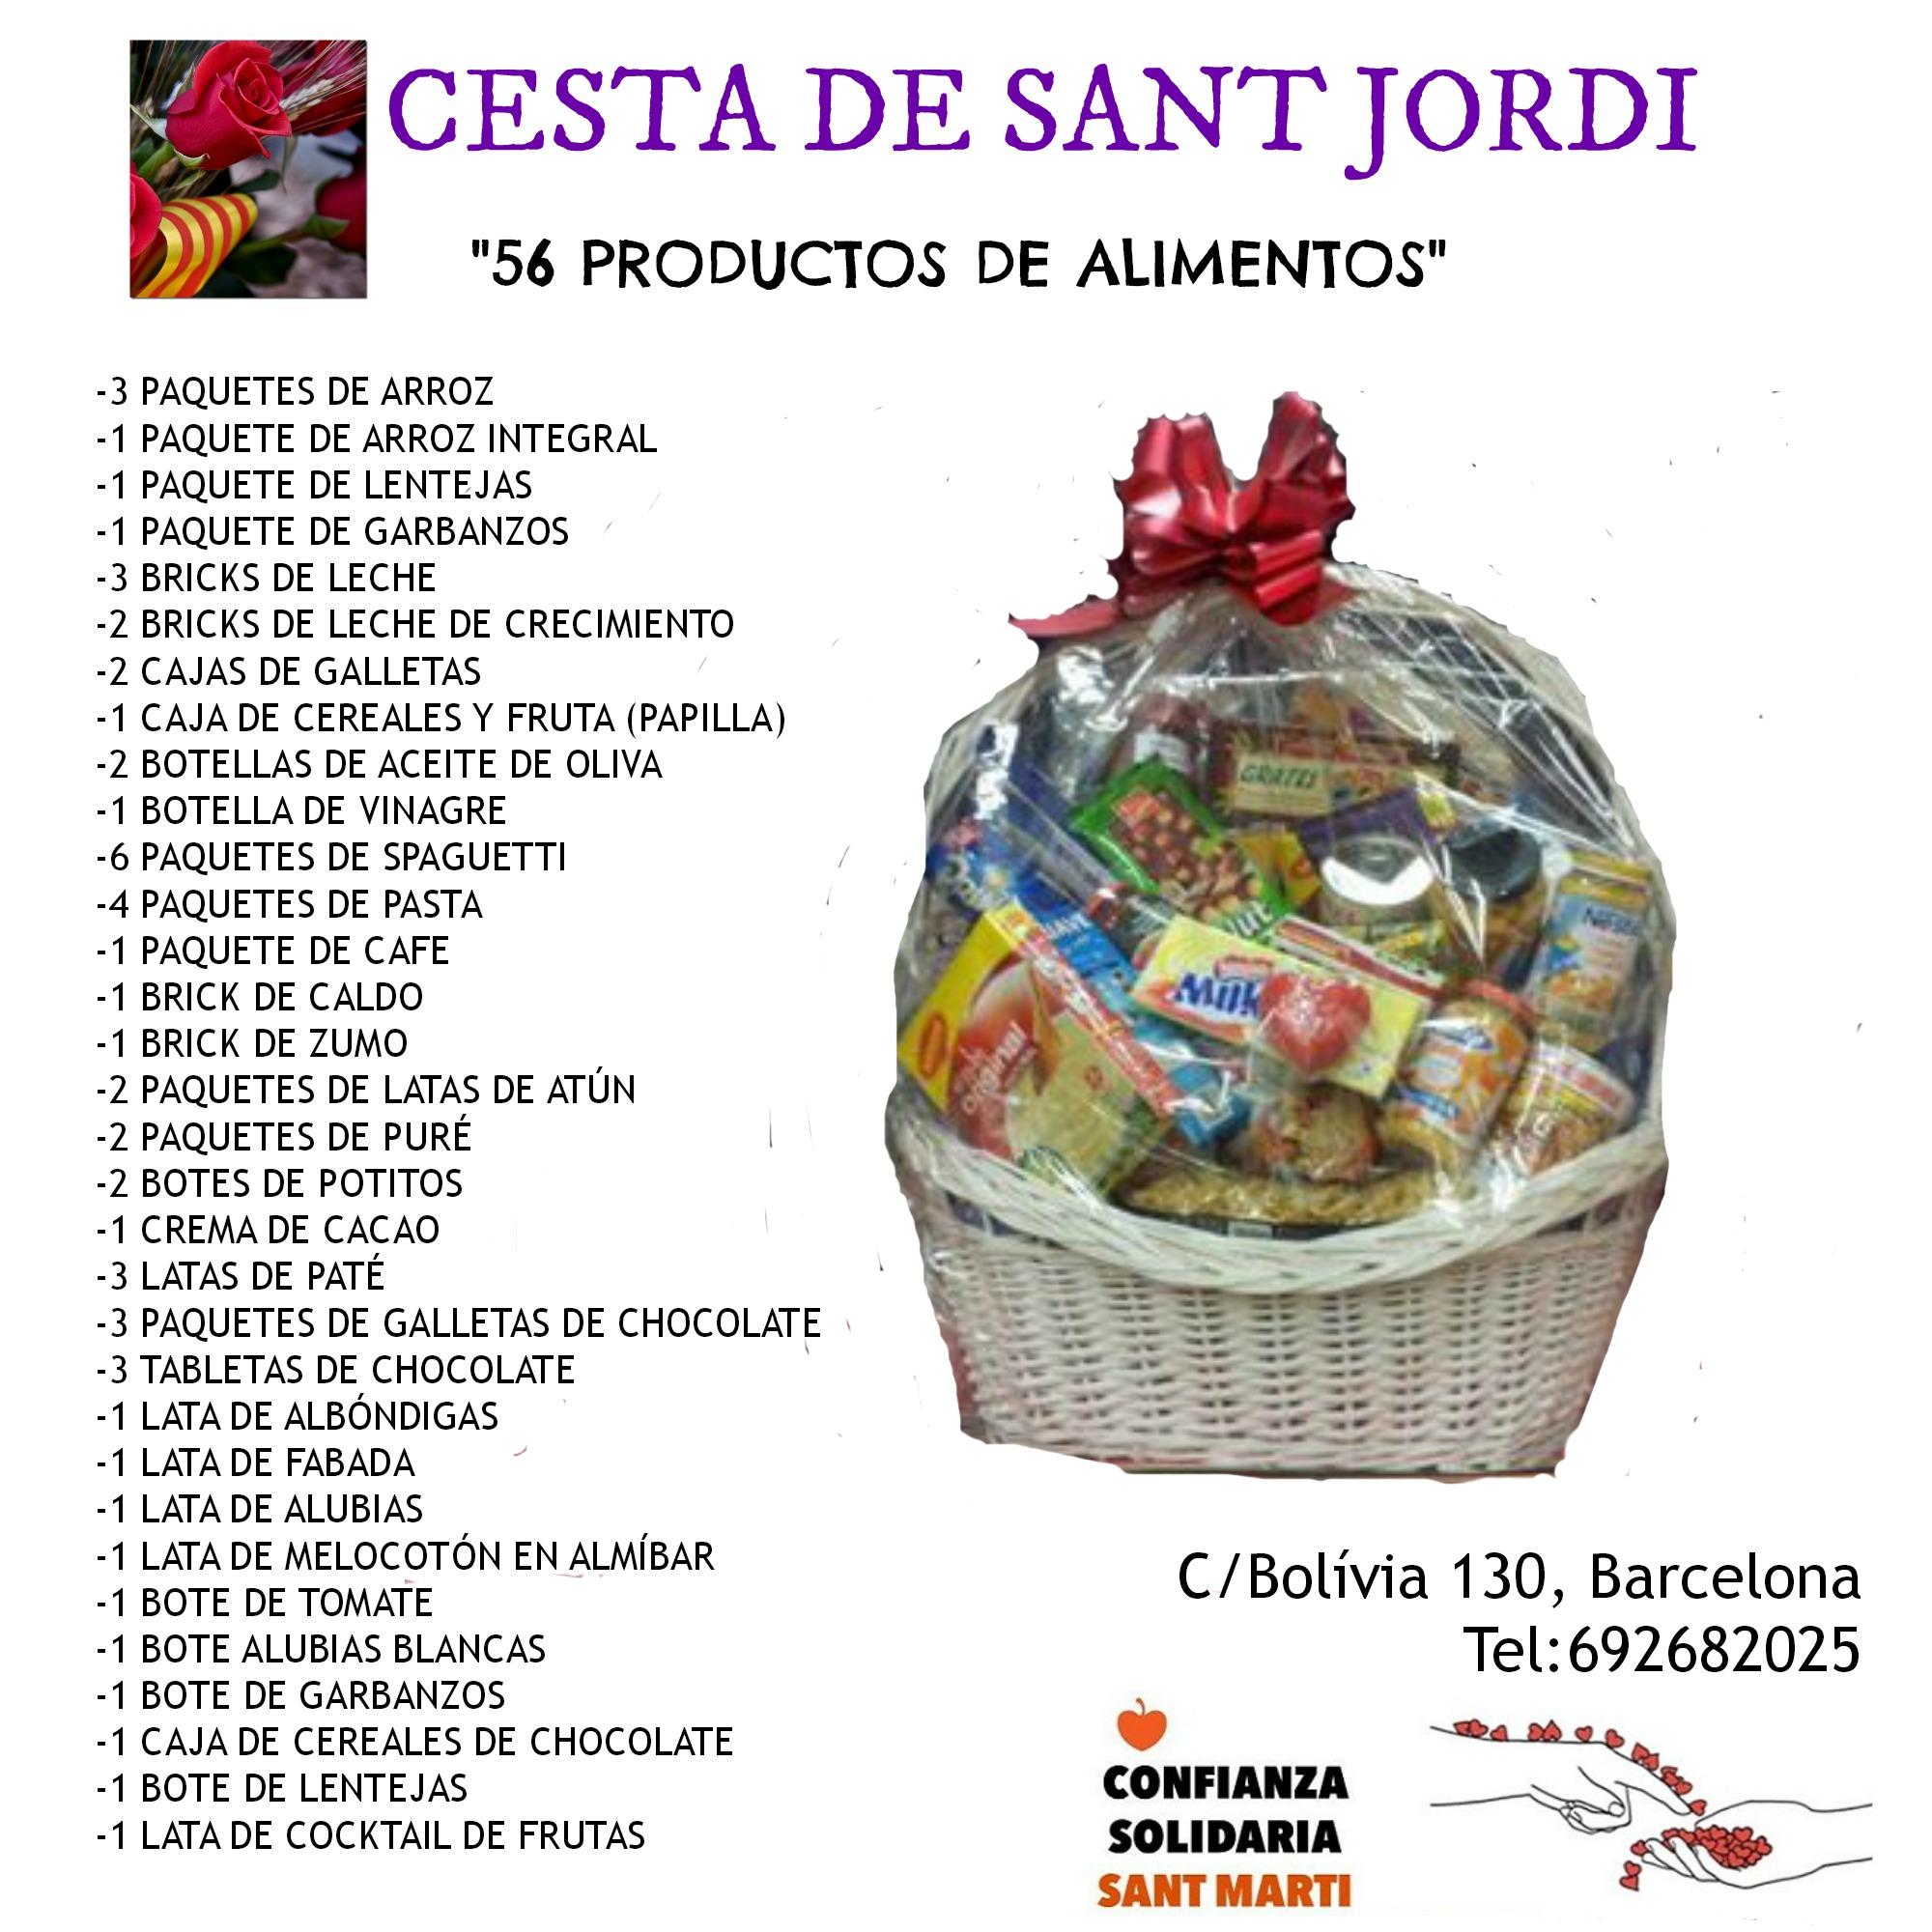 CESTA DE SANT JORDI